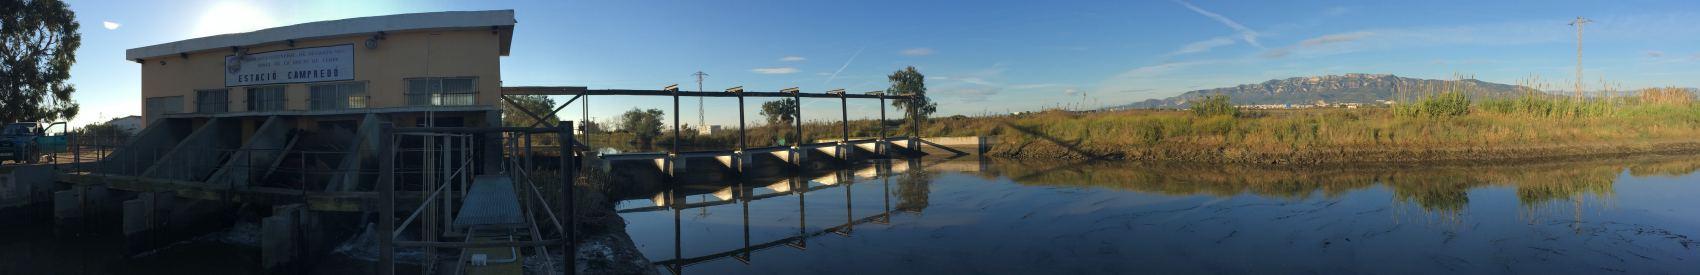 Comunidad General de Regantes de la Derecha del Ebro